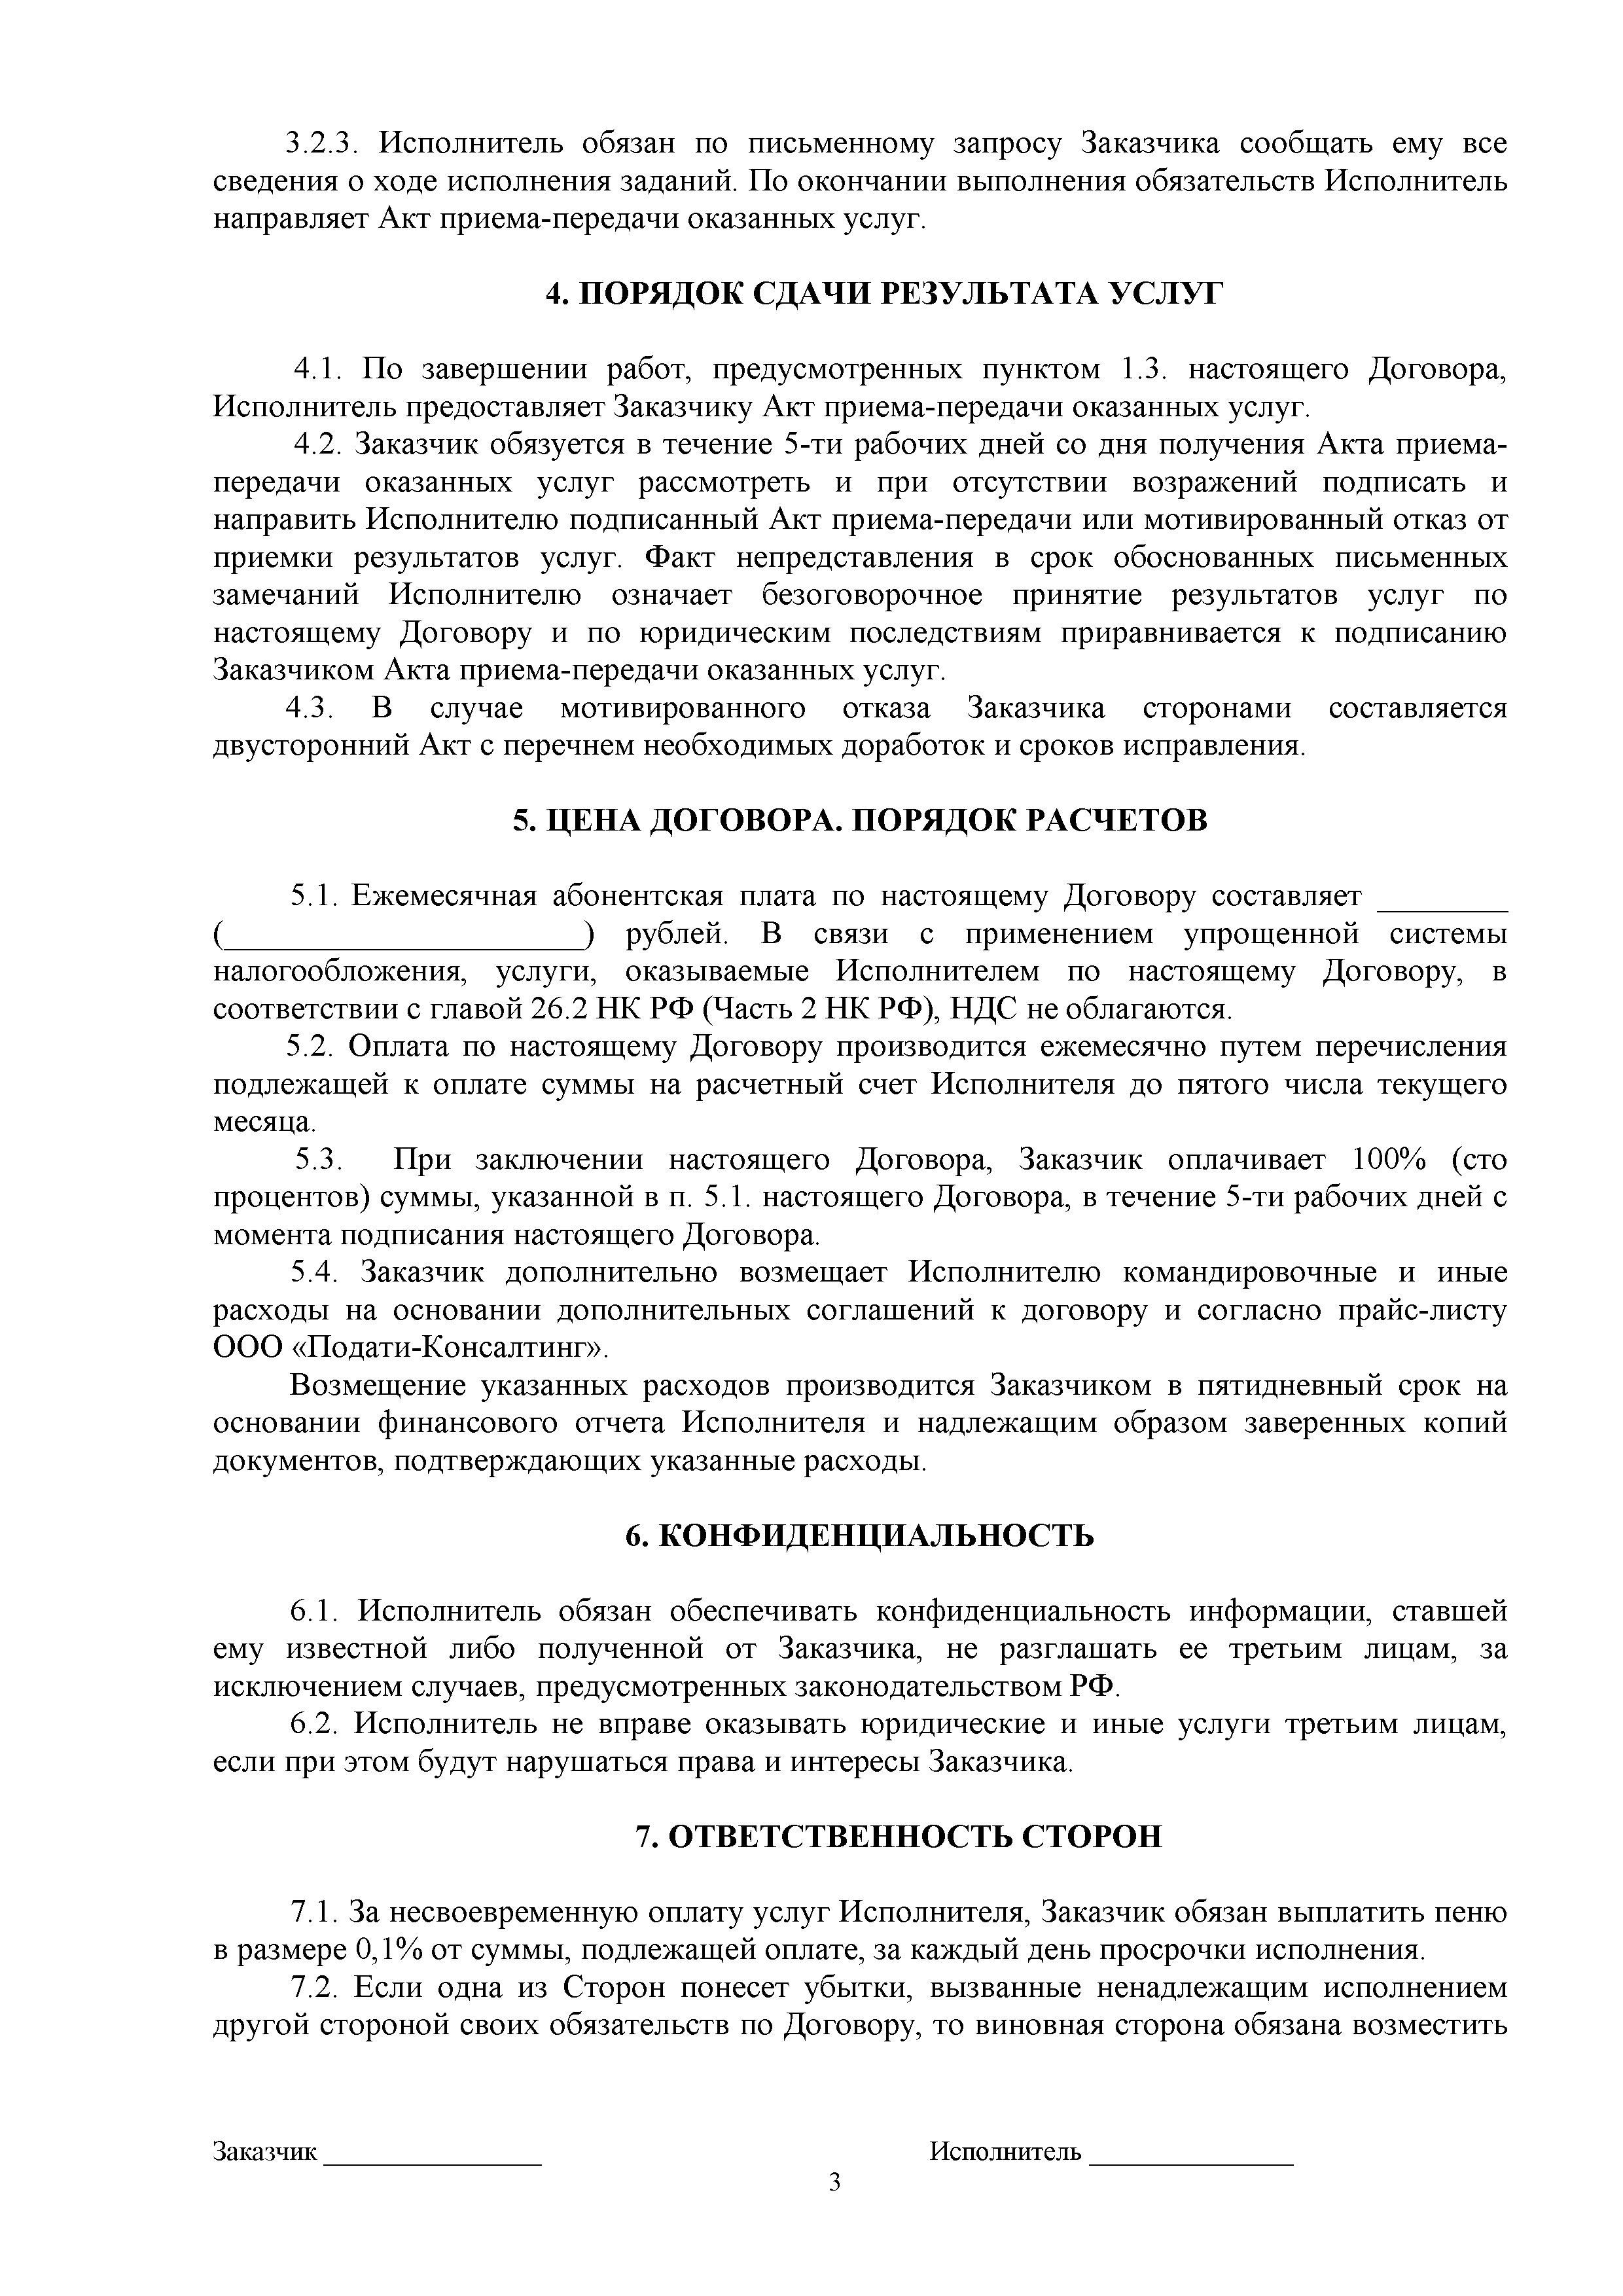 Договор внедрение 1с хабы программистов 1с